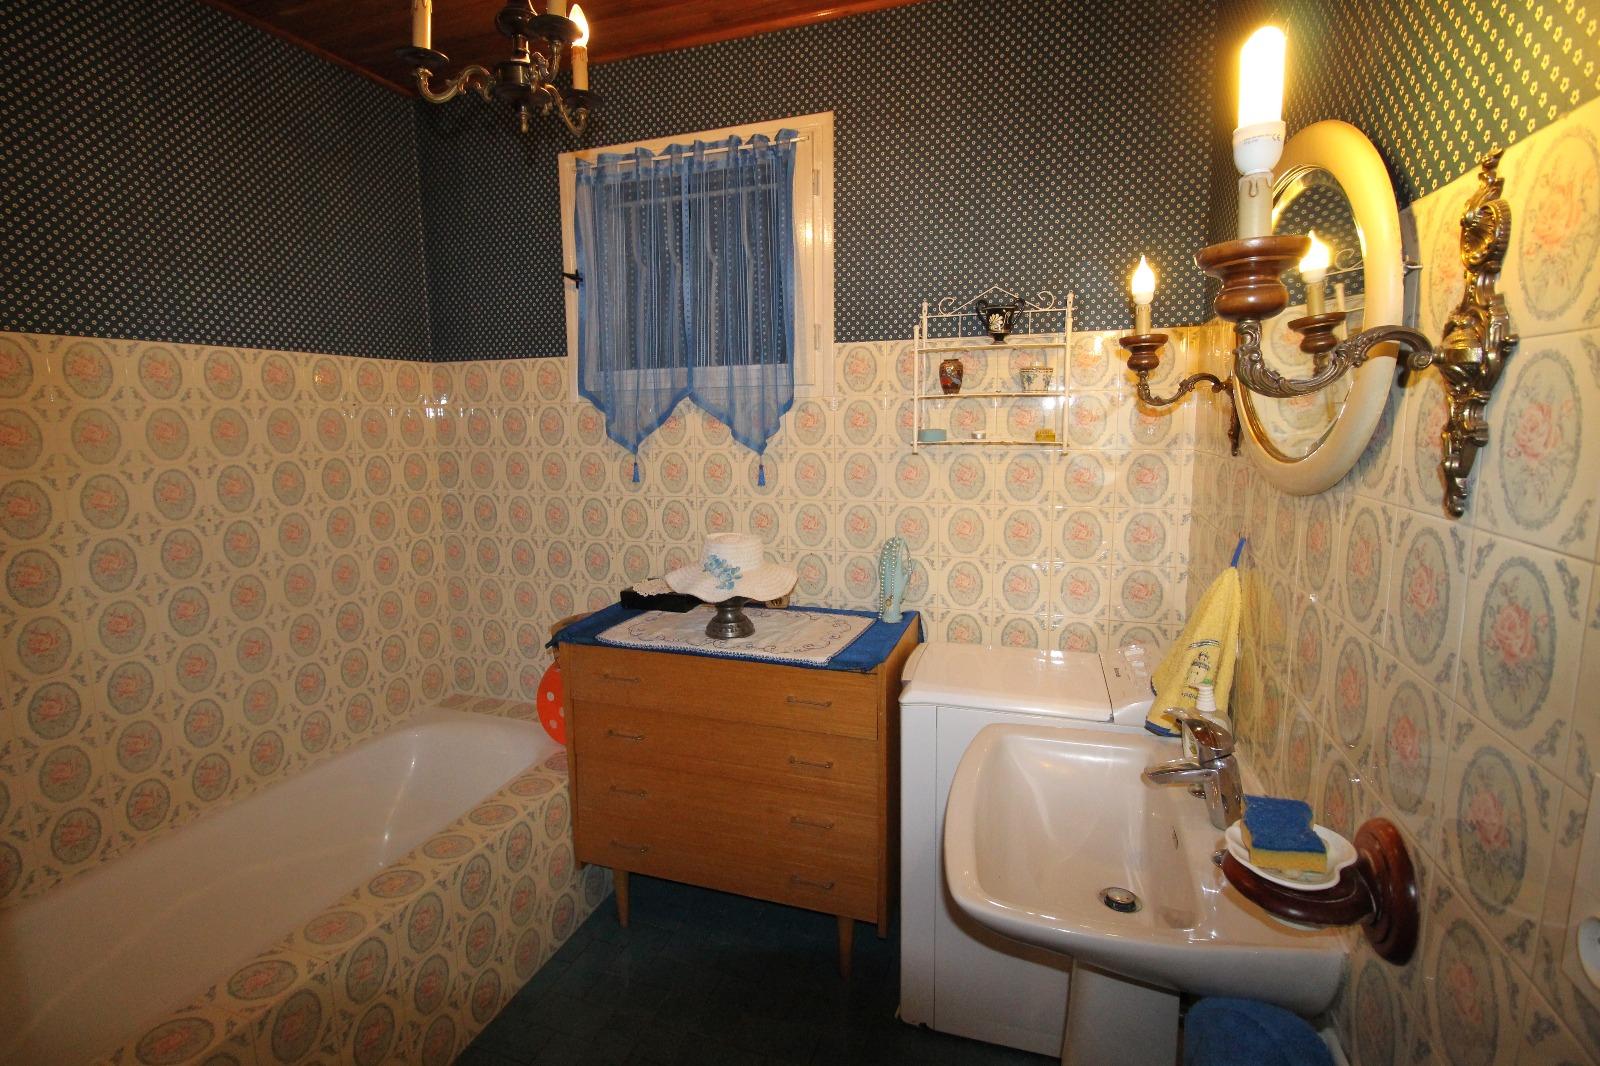 Vente St Amour 39160 Maison De 150 M 178 Env 3 Chambres